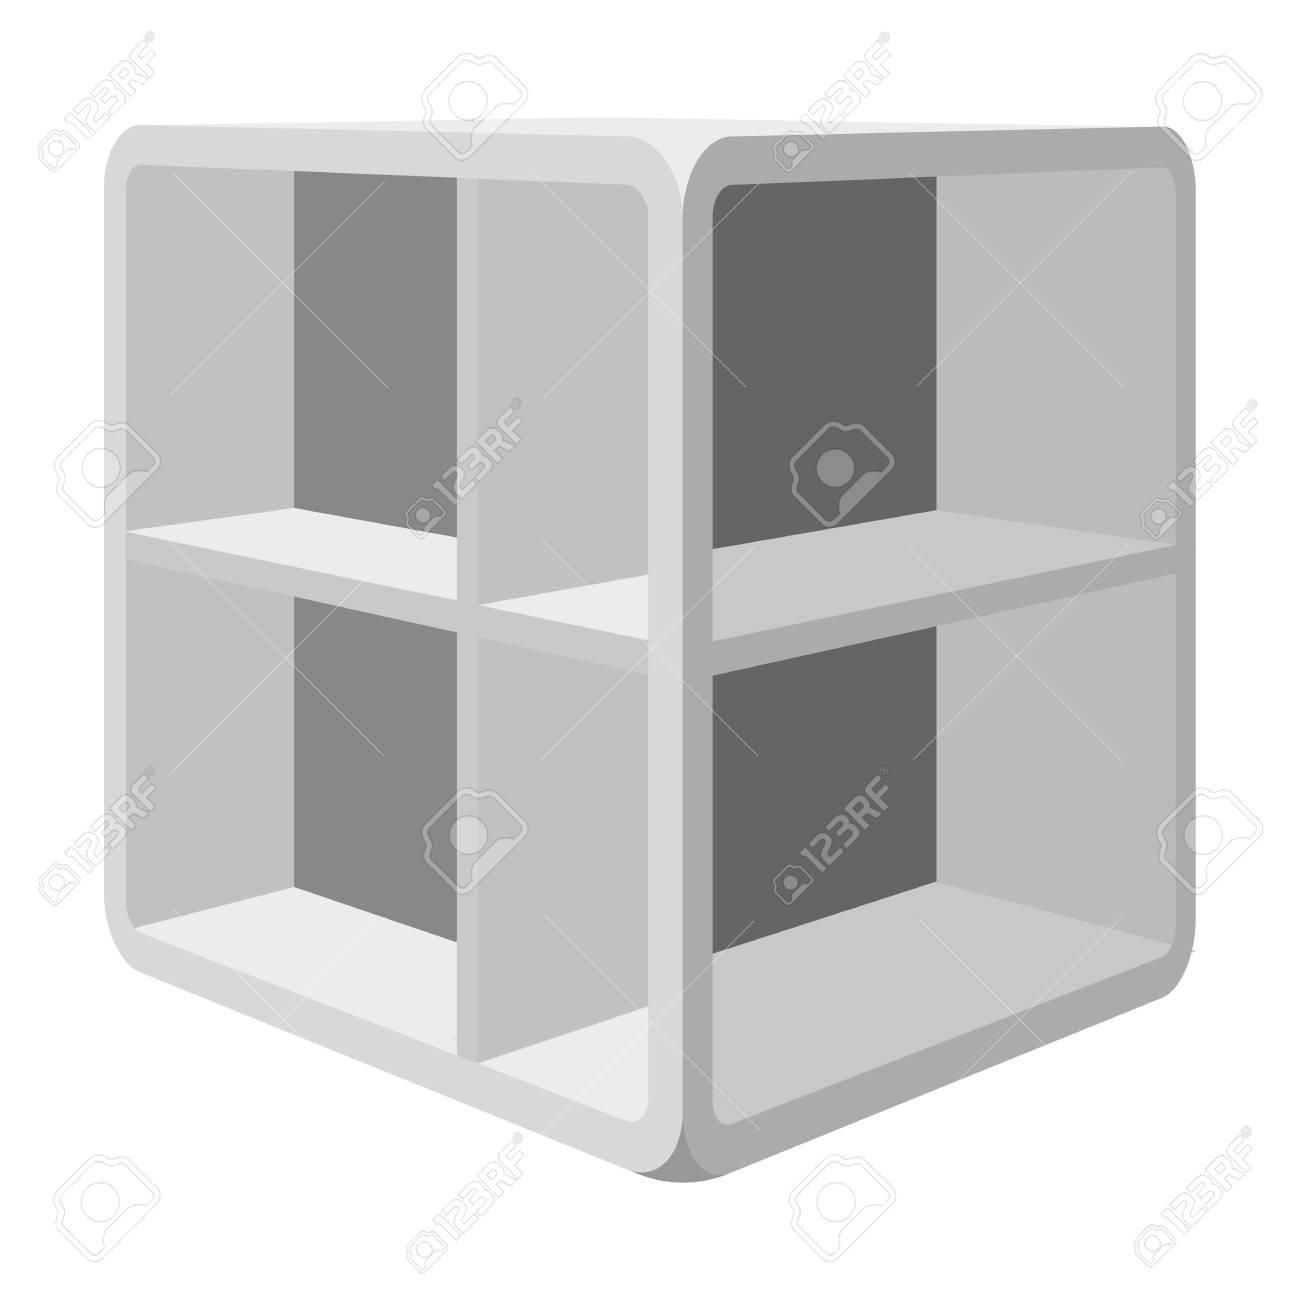 Witte Kleine Salontafel.Kleine Salontafel Witte Tafel Met Cellen Slaapkamer Meubilair Enkele Pictogram In Zwart Wit Stijl Vector Symbool Stock Illustratie